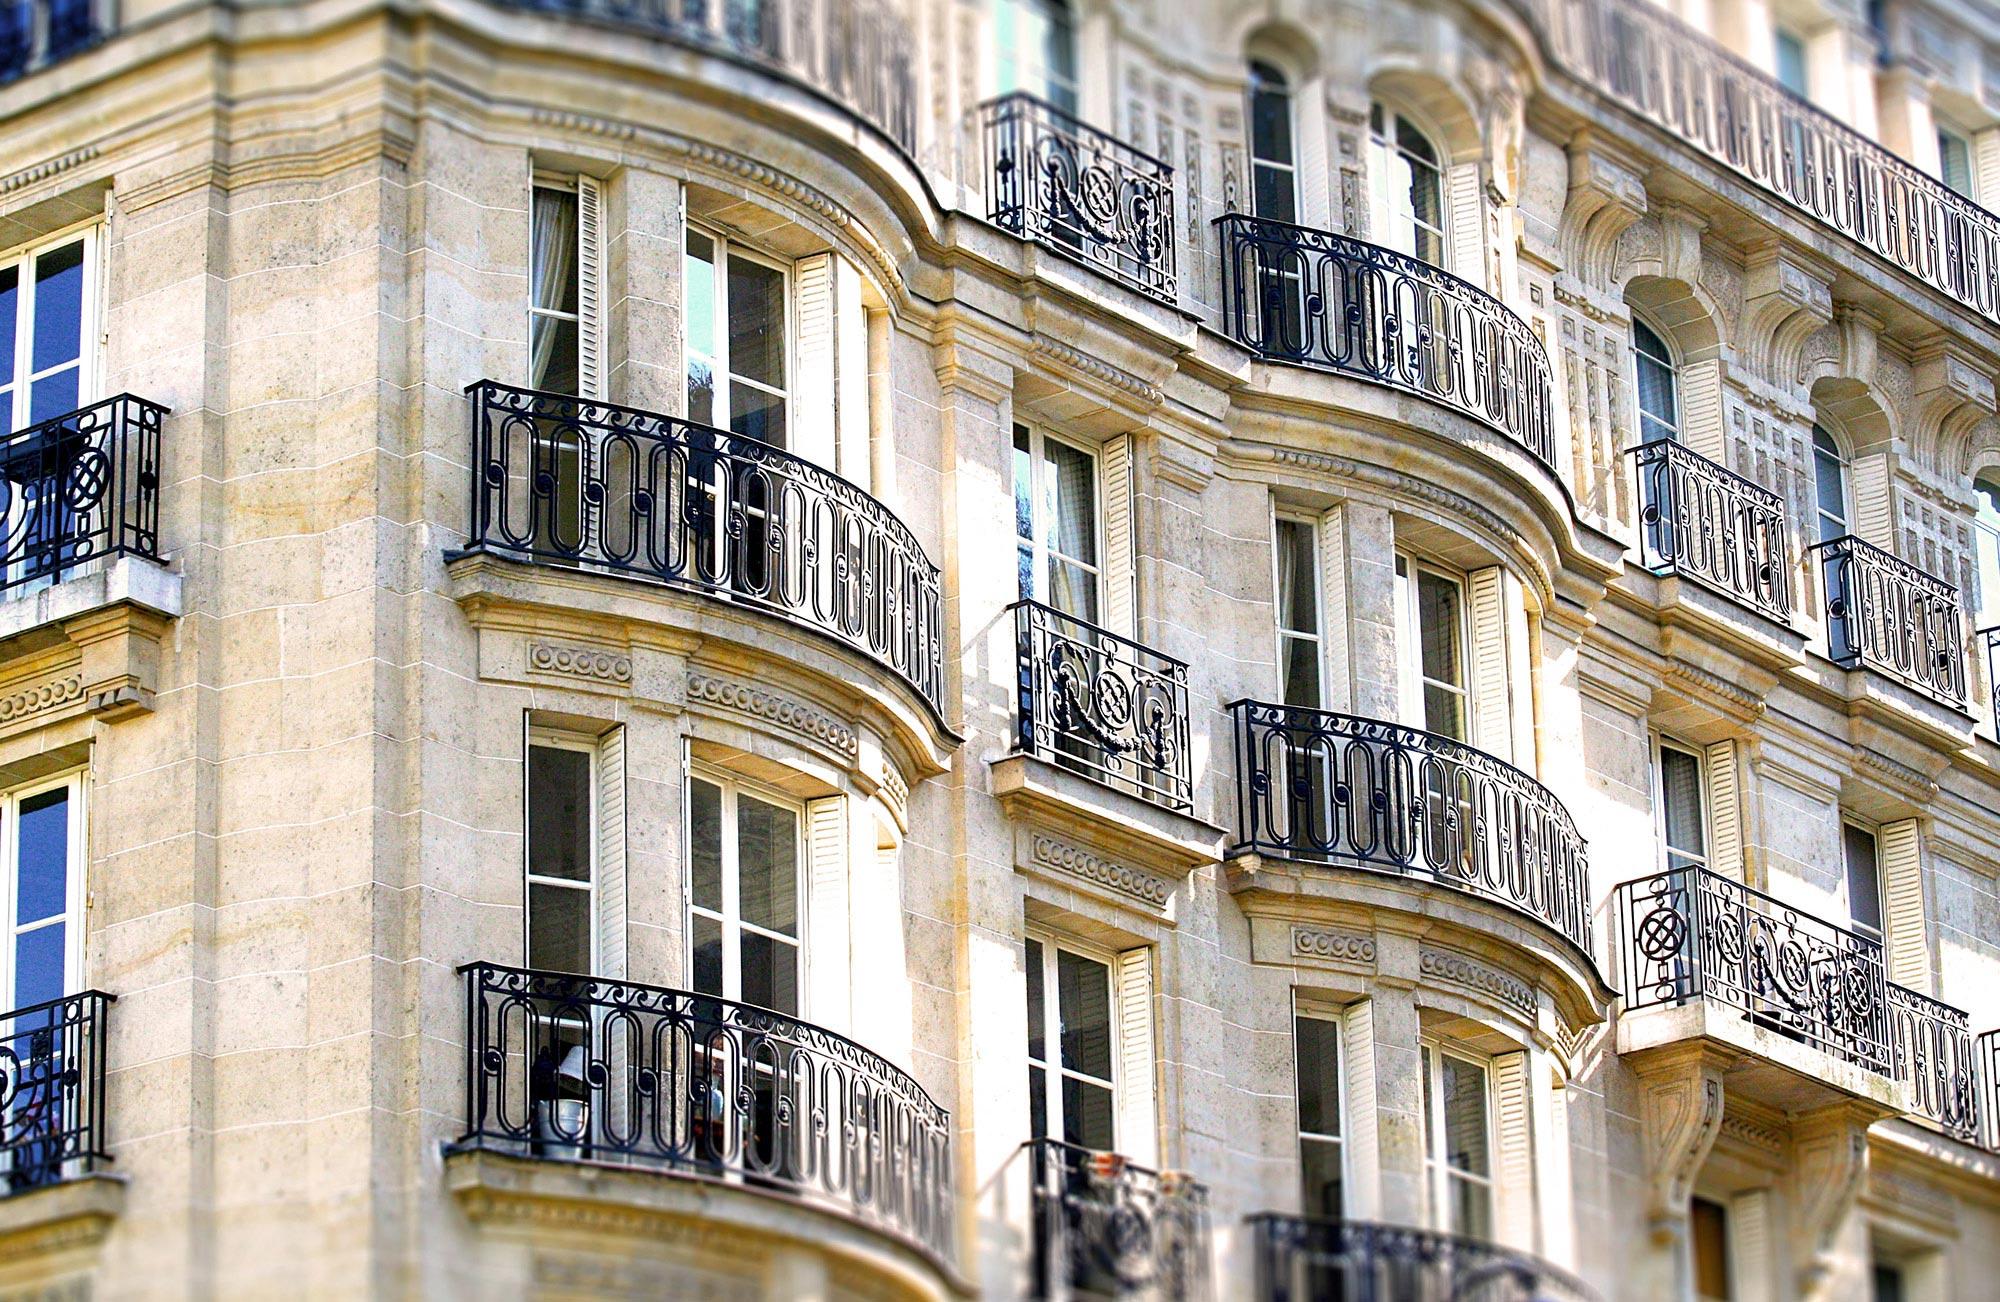 Auteuil sud immobilier appartements sur paris 16 me for Agence immobiliere 3f boulogne billancourt